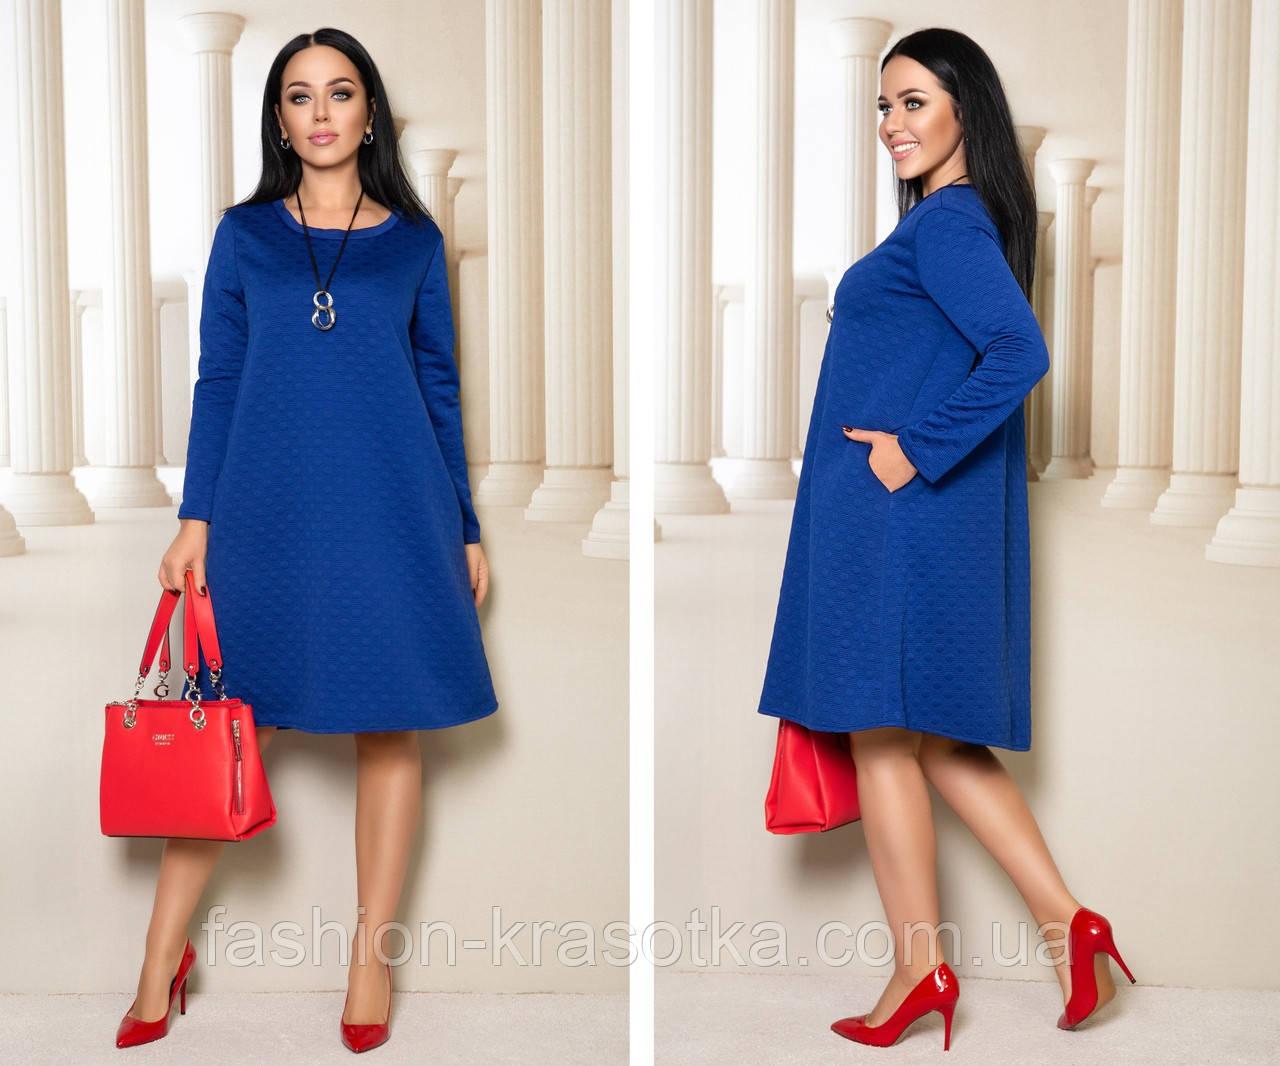 Модное женское платье,размеры:46-48,50-52,54-56,58-60.